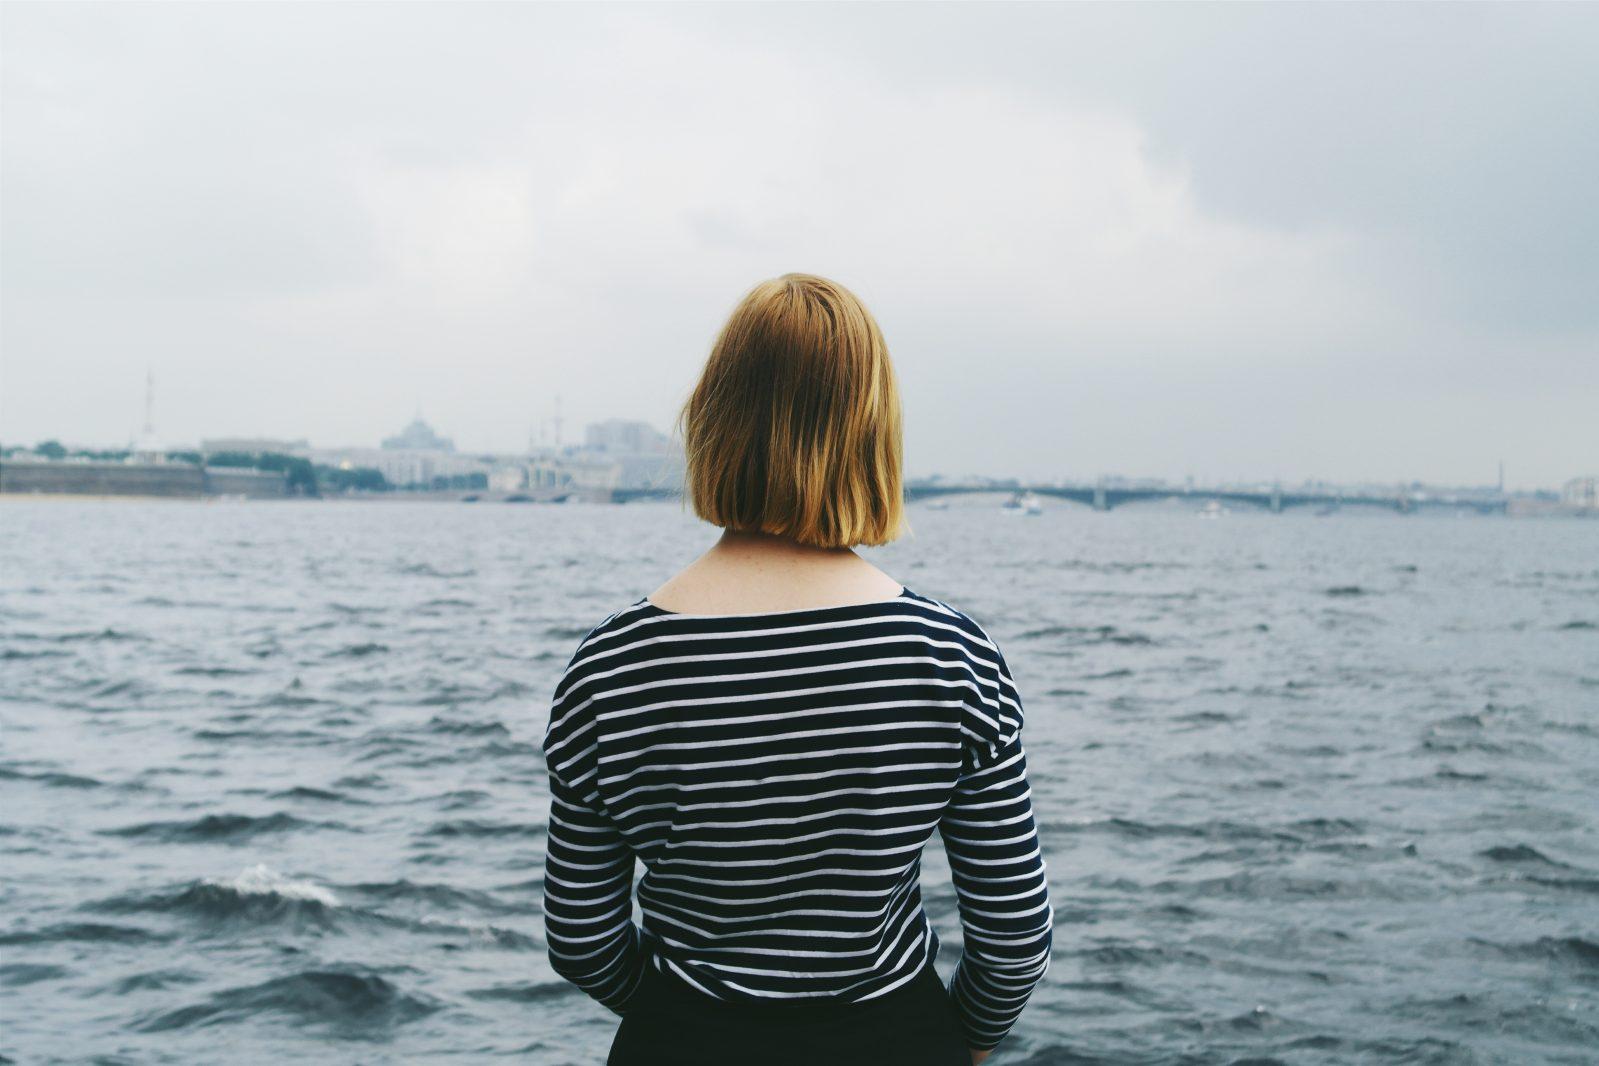 Il mistero dell'attrazione mentale: due anime che si accarezzano